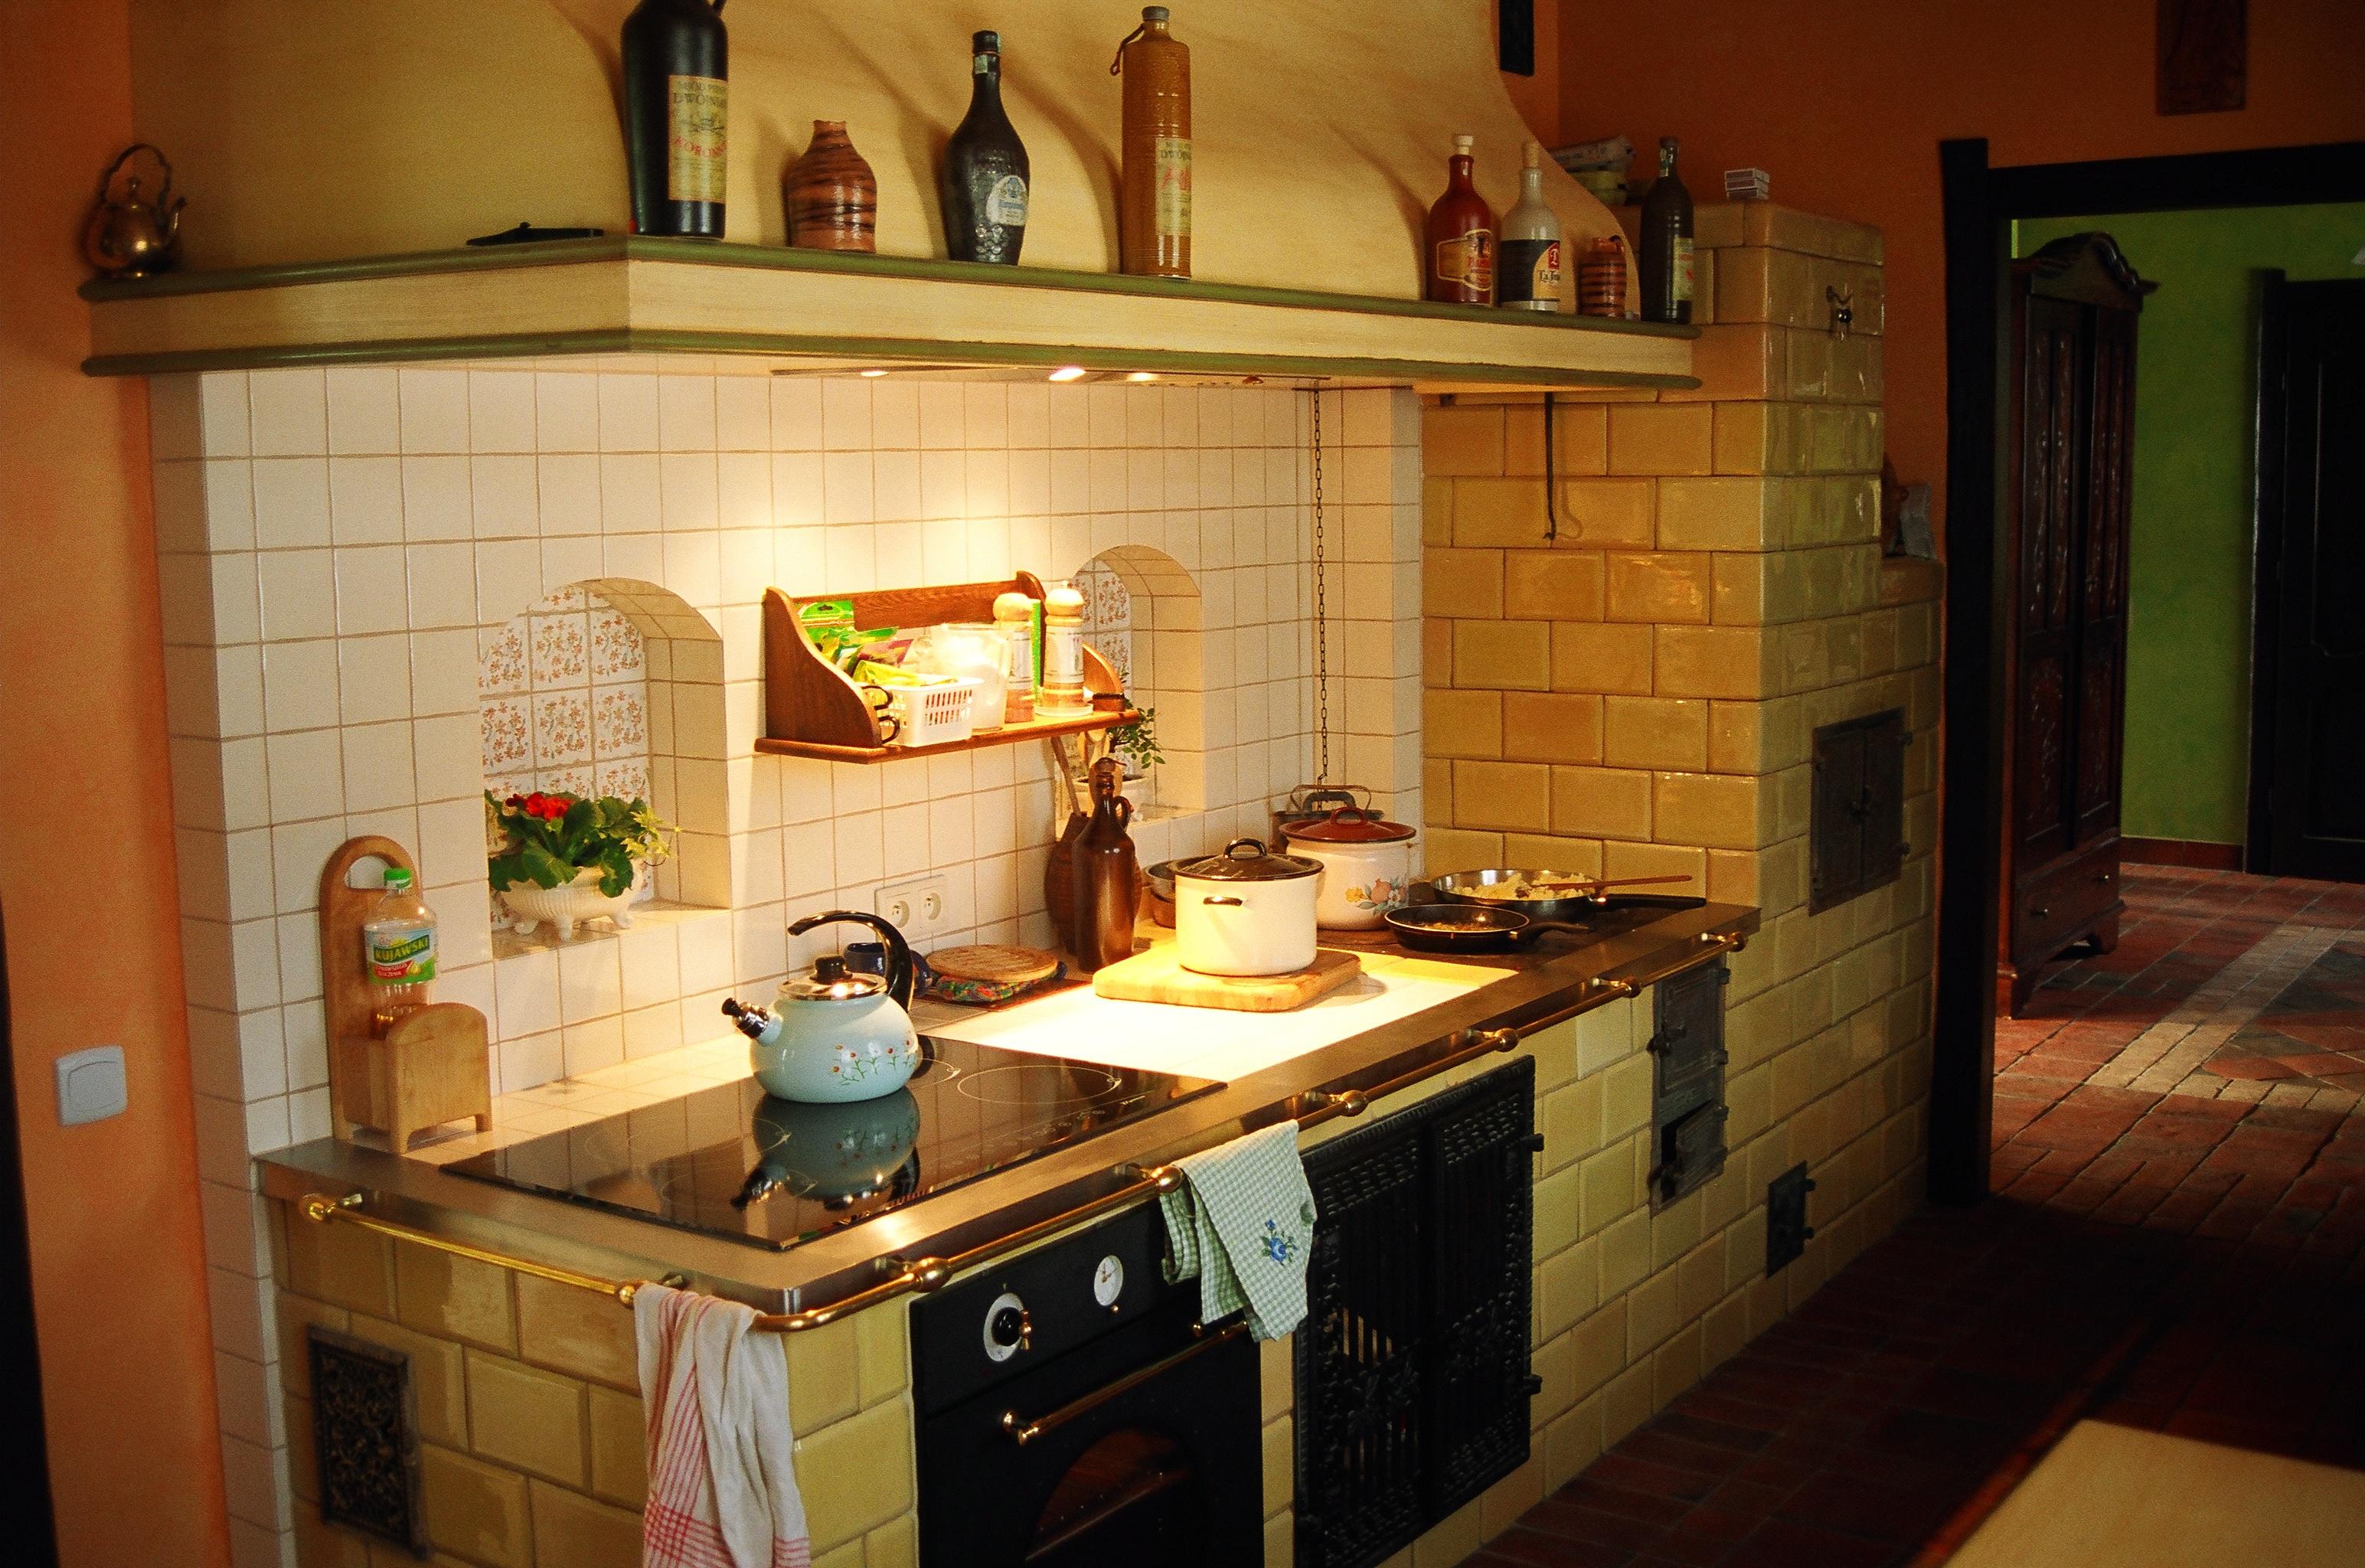 Kuchnia W Stylu Rustykalnym Kuchnia W Stylu Rustykalnym